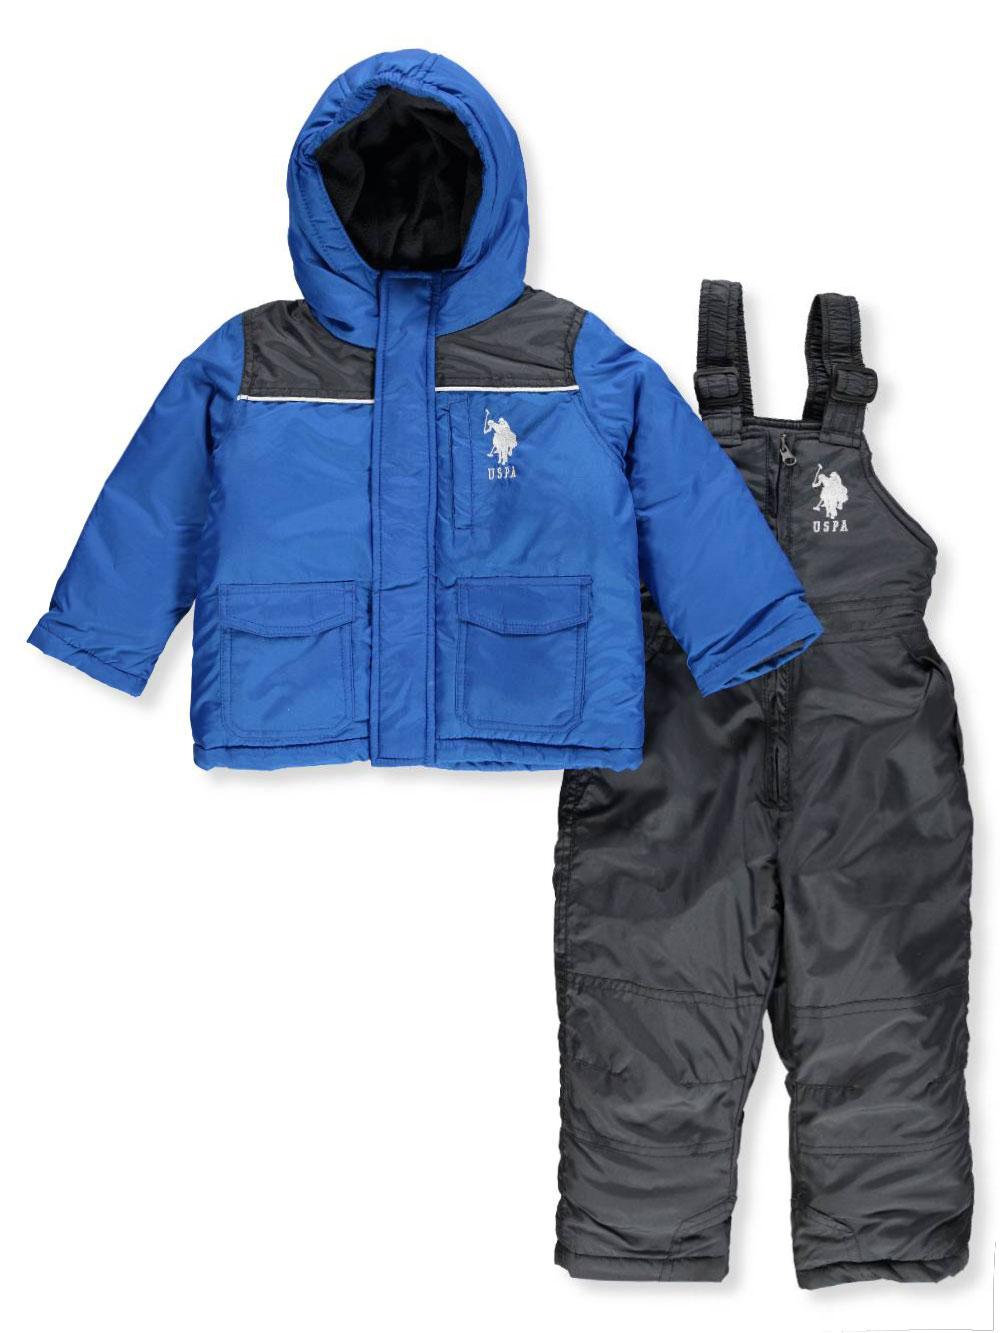 2f1a7e869038 U.S. Polo Assn. Baby Boys  2-Piece Snowsuit